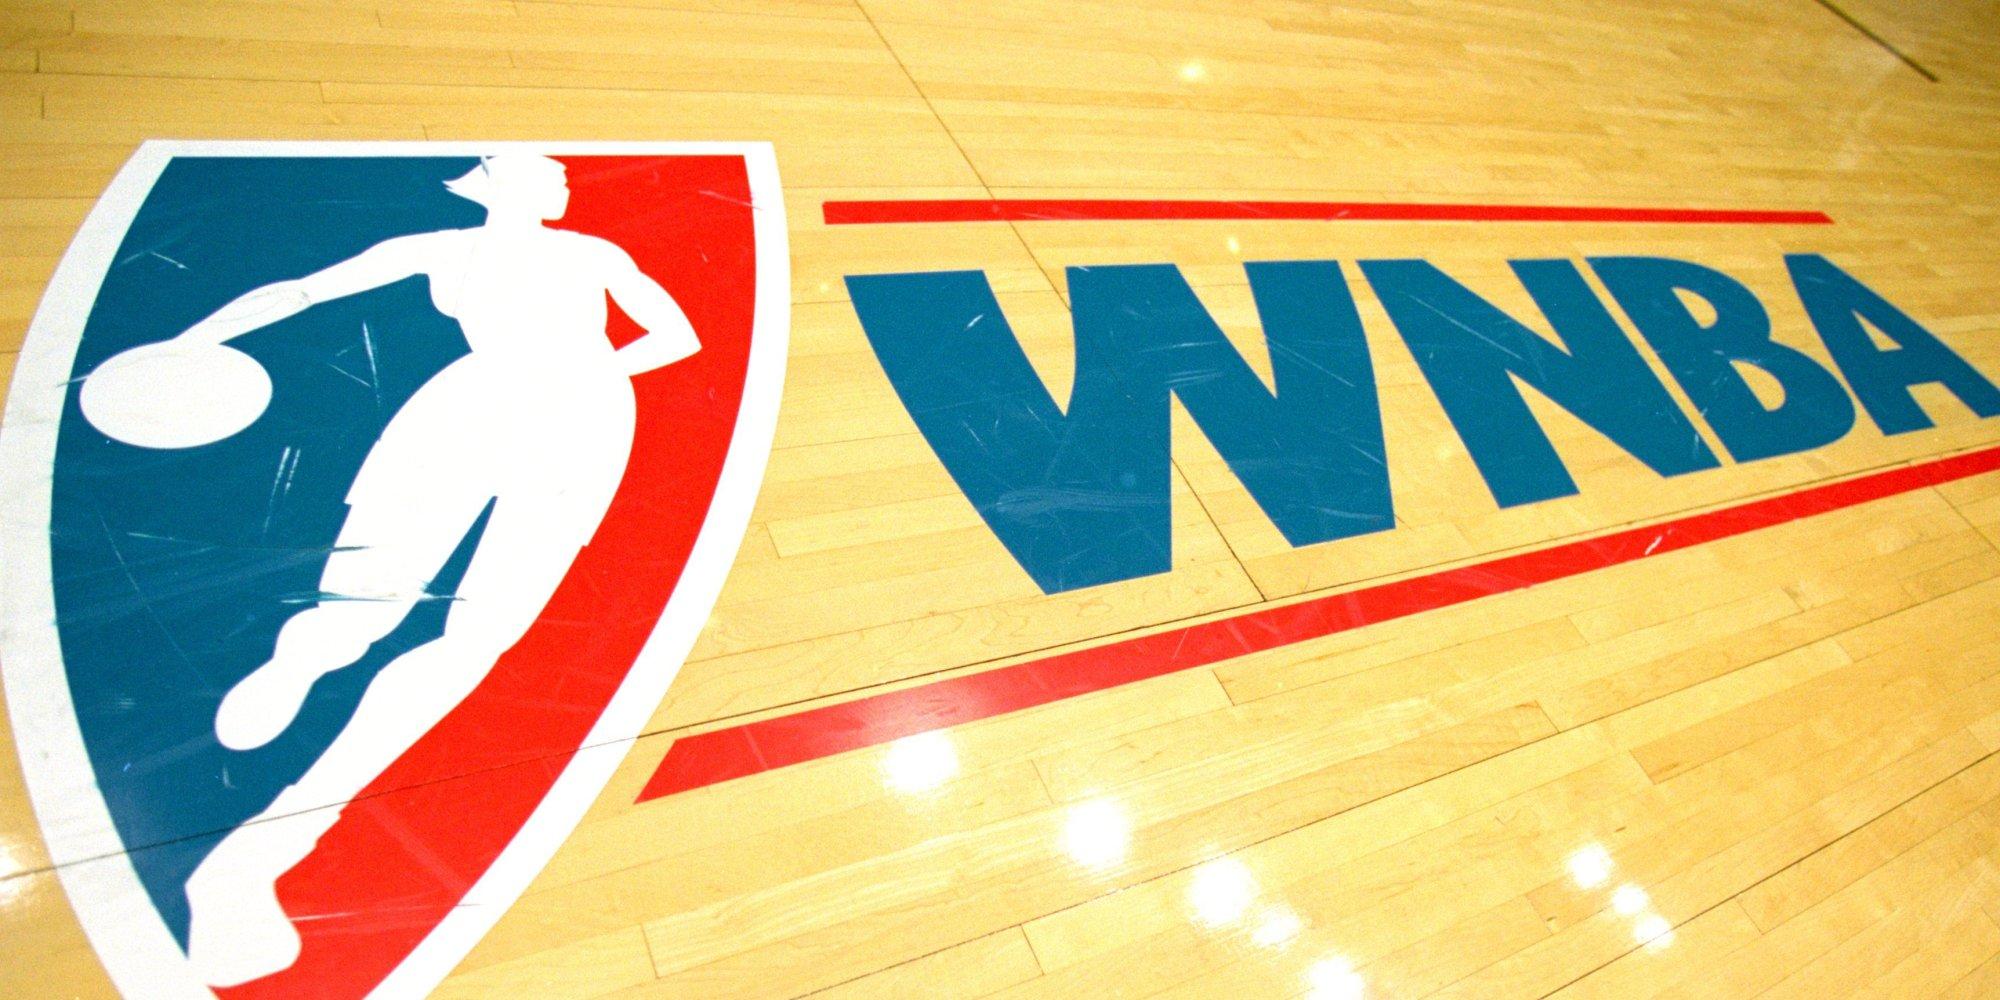 o-wnba-logo-facebook.jpg